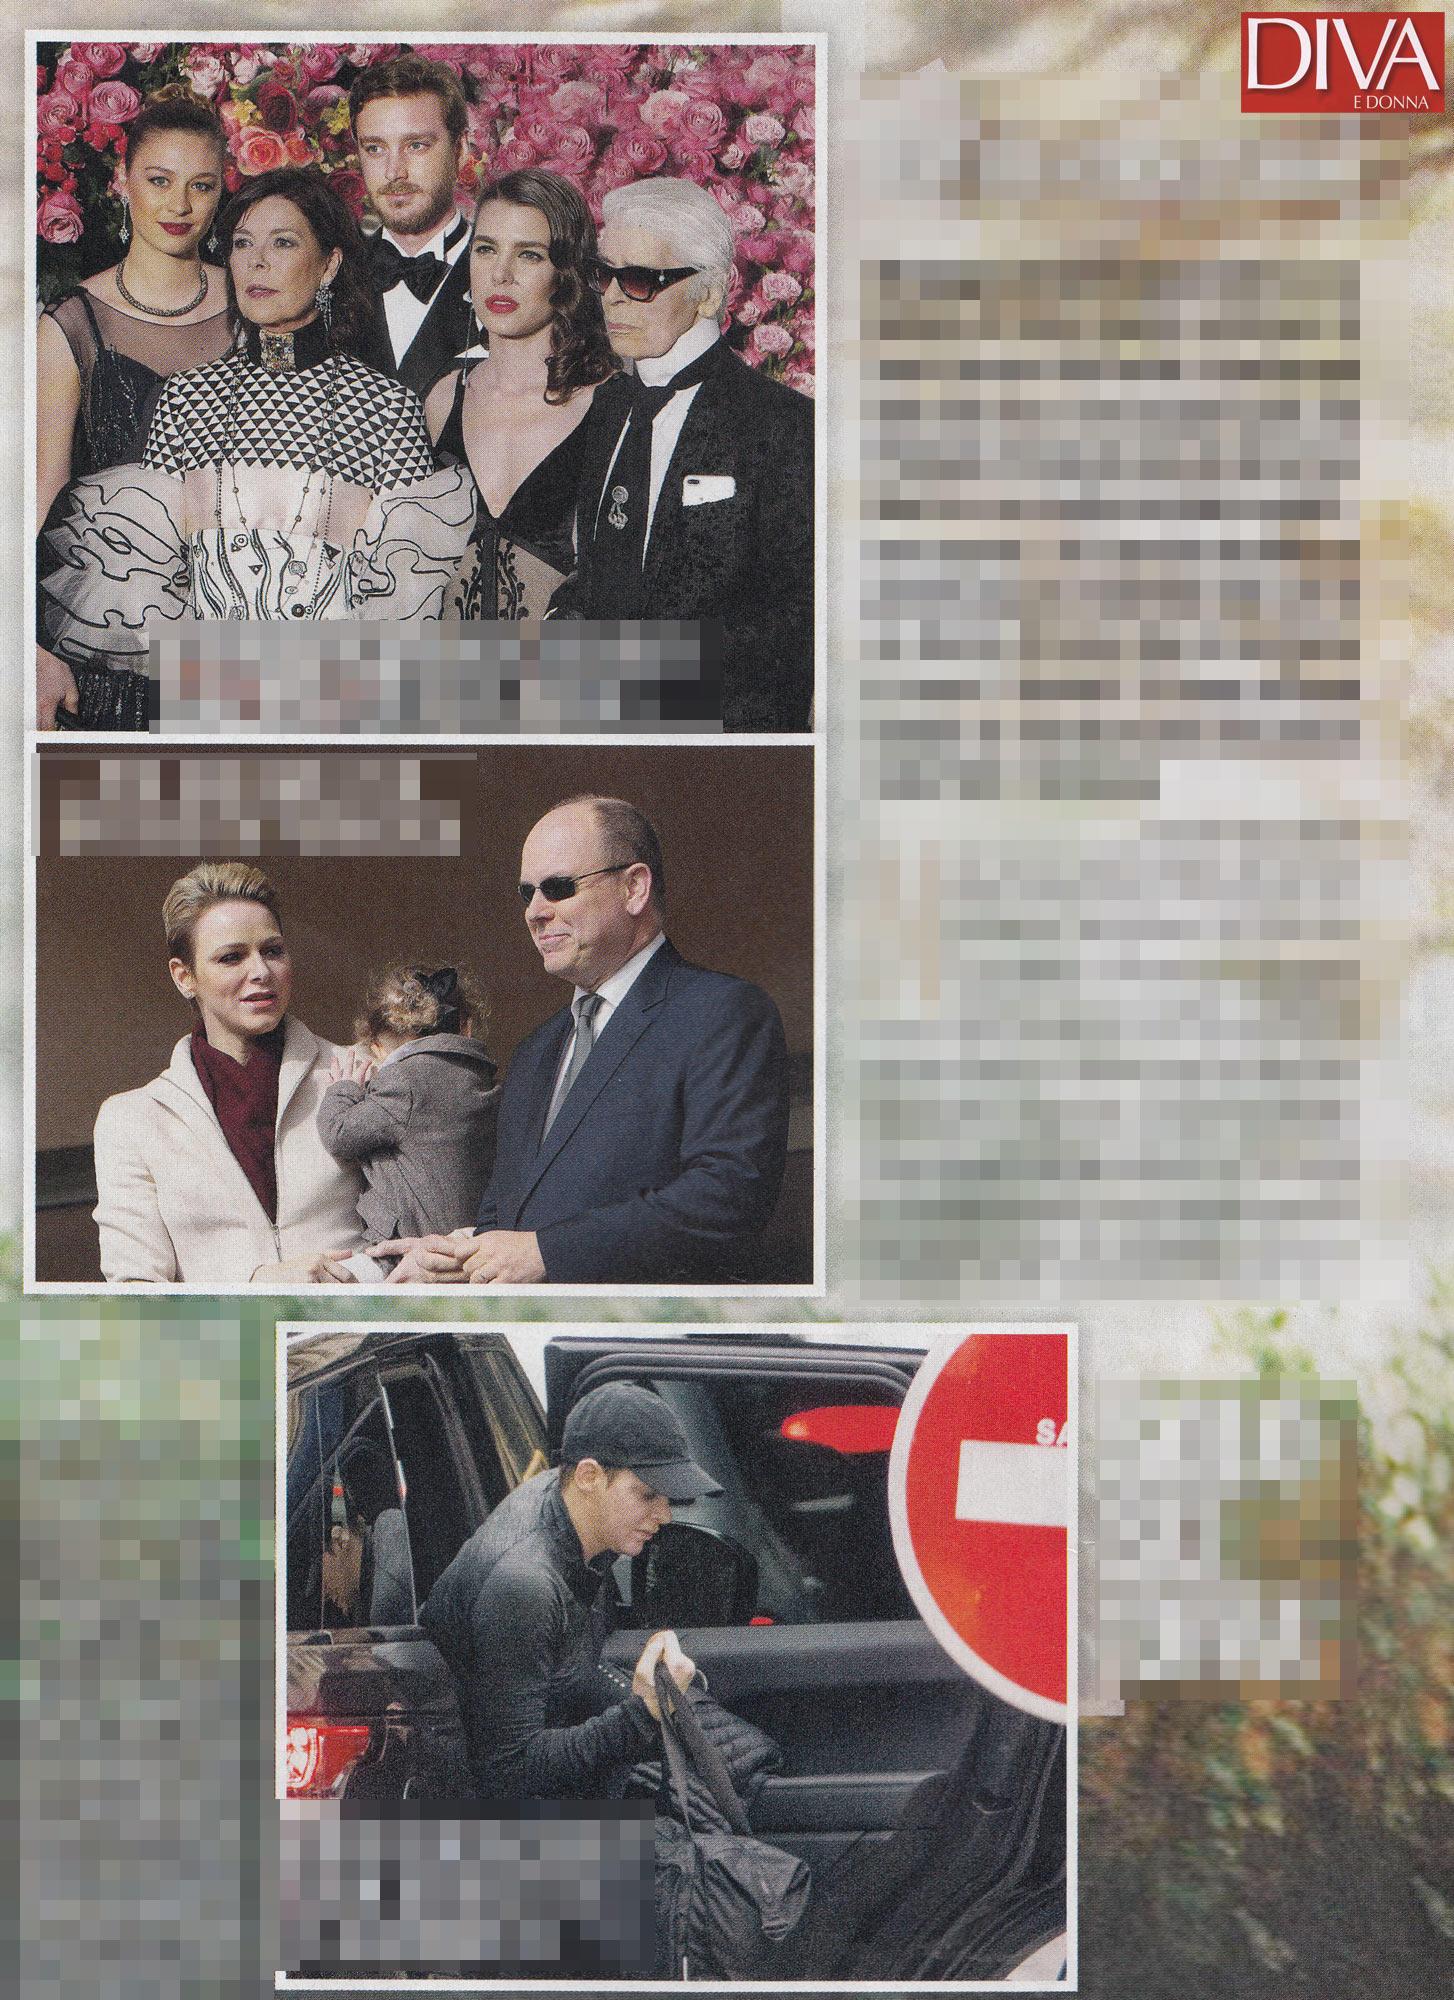 Alberto di monaco moglie e figli in hotel il palazzo for Diva e donne